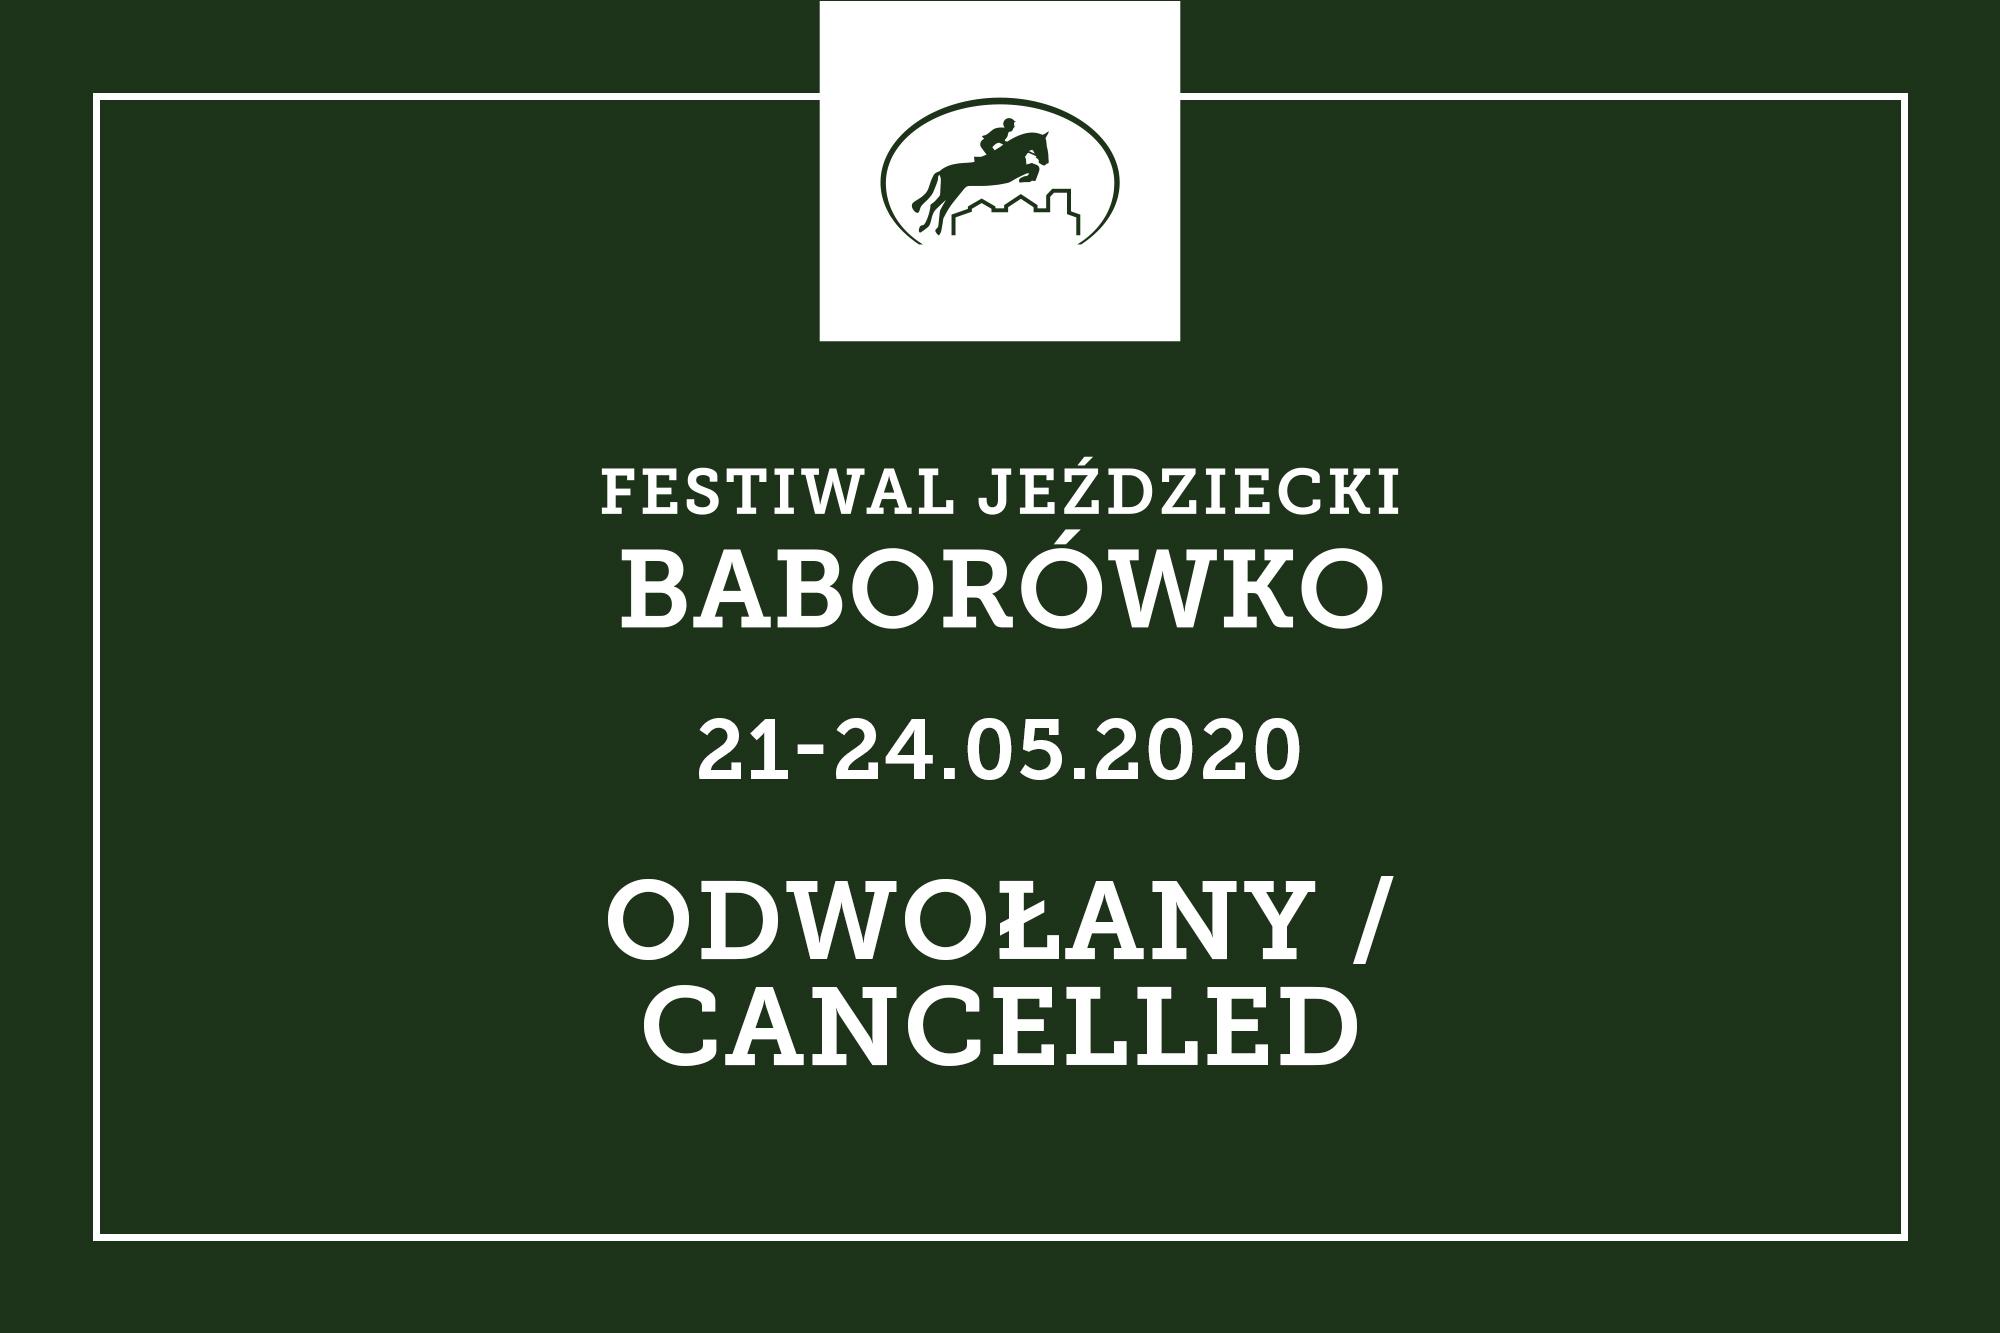 Festiwal Jeździecki Baborówko 2020 odwołany